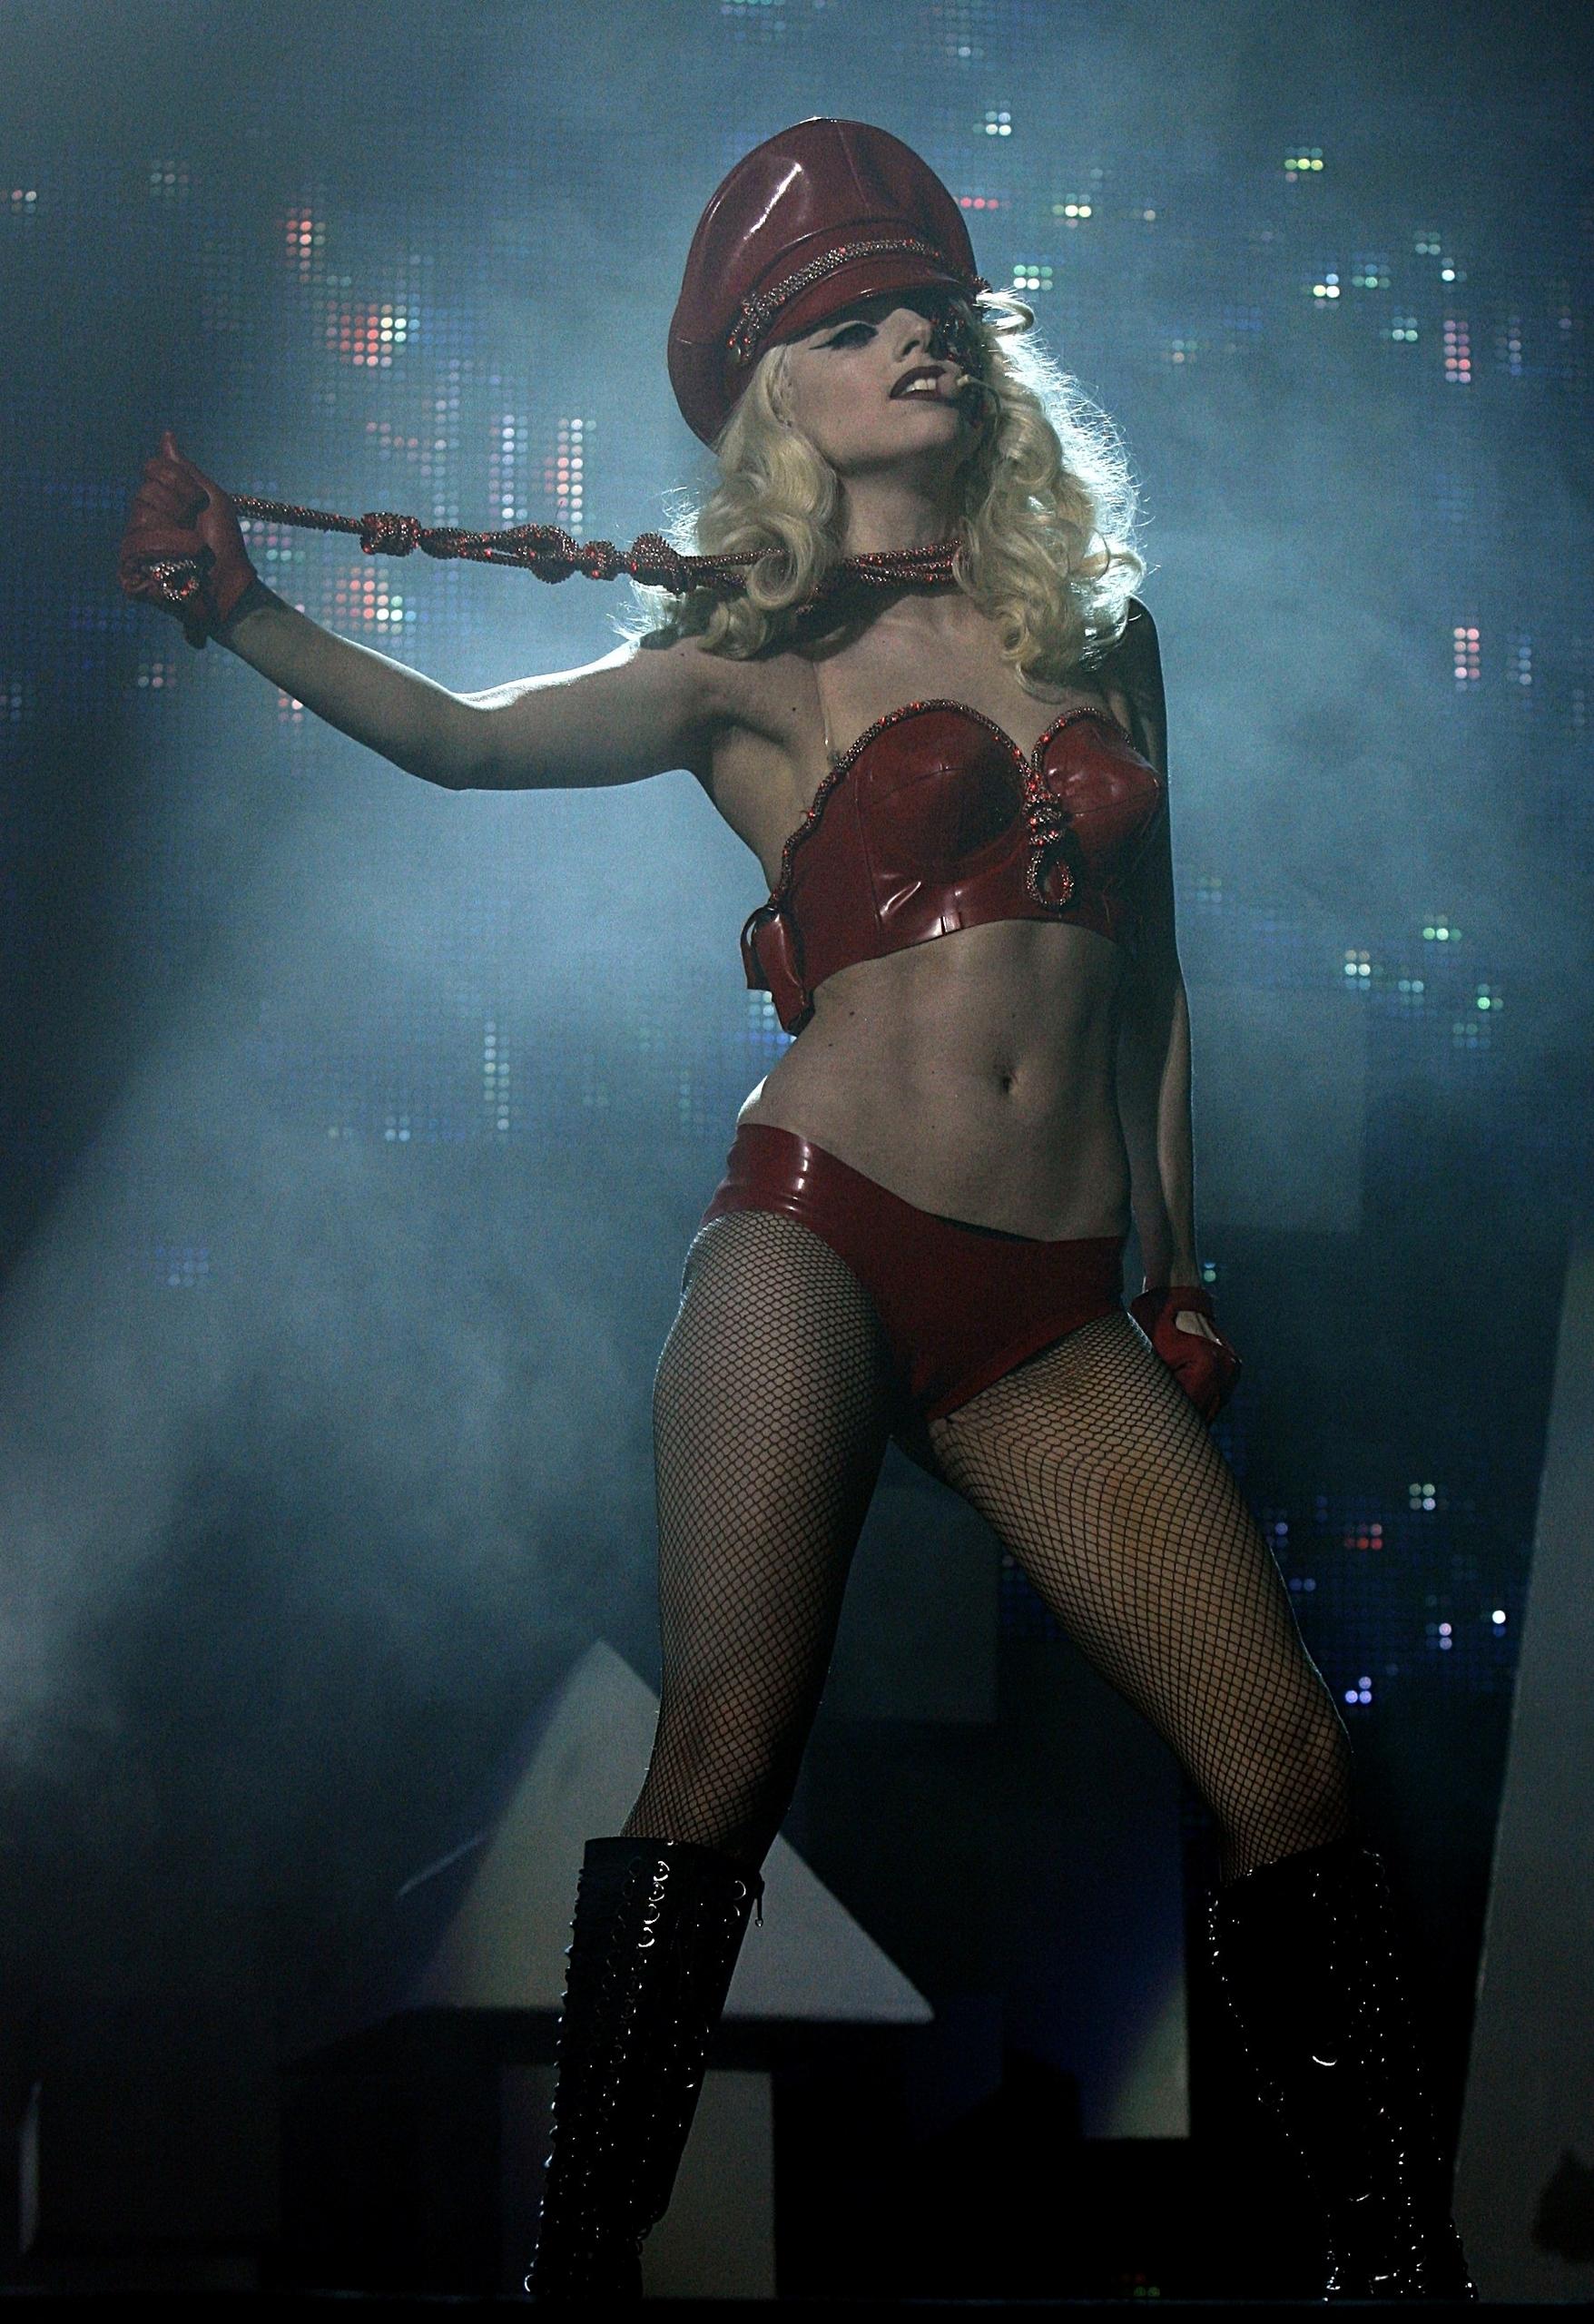 Lady-Gaga-lady-gaga-11986165-1756-2560.j